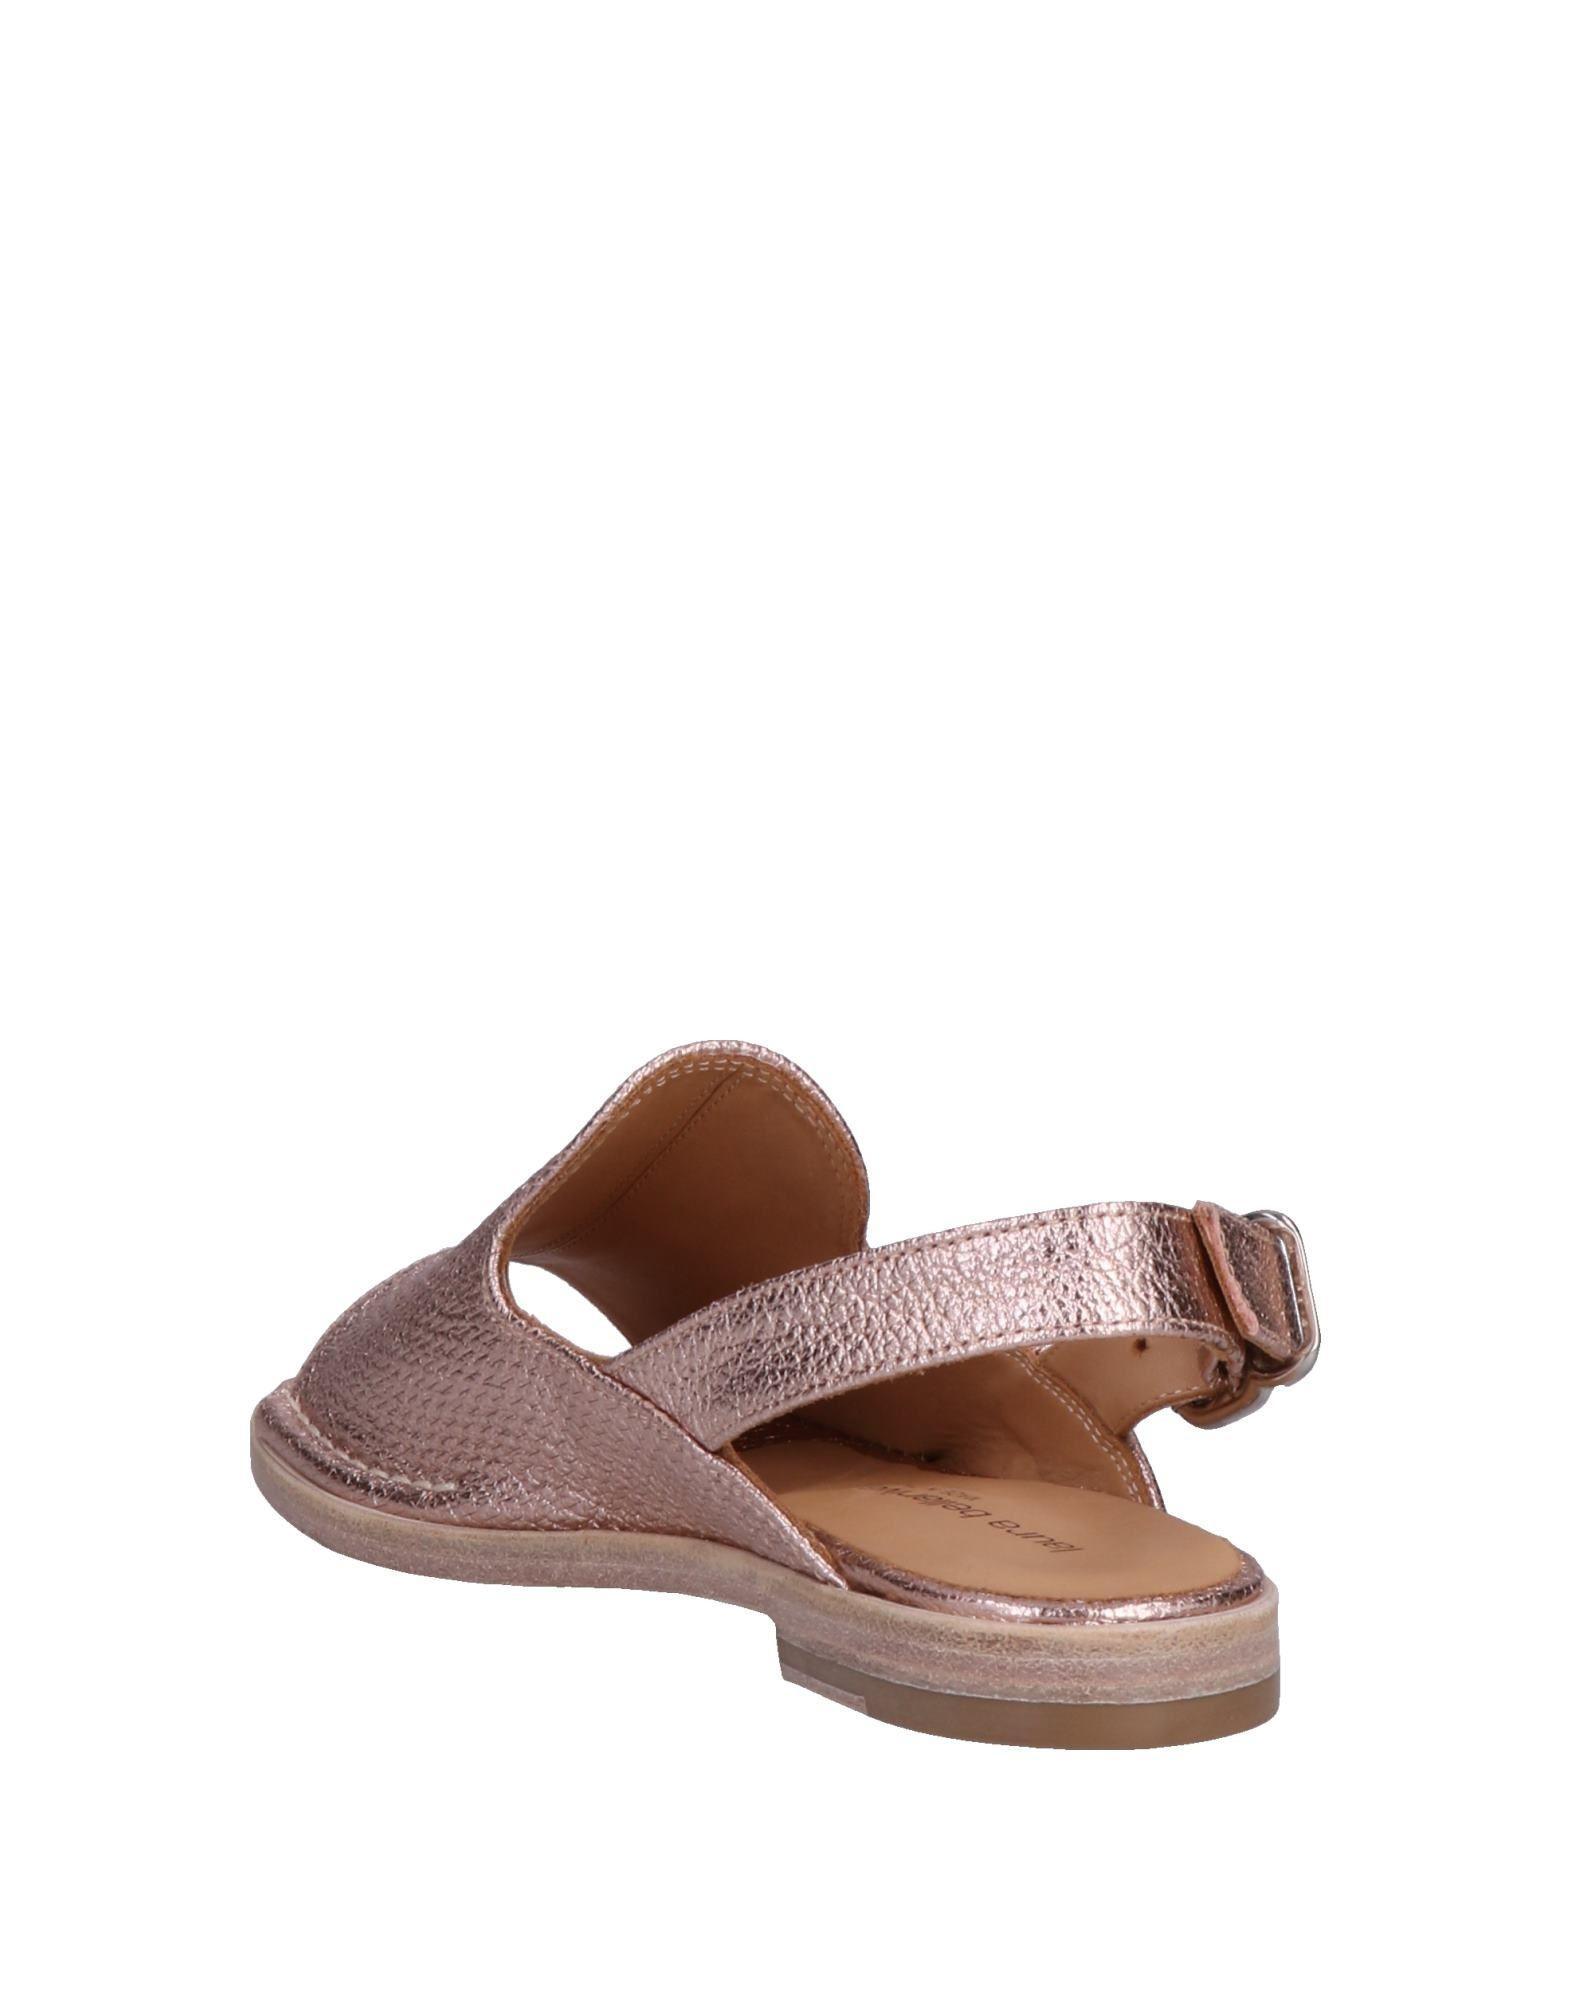 4b65440116c Lyst - Laura Bellariva Sandals